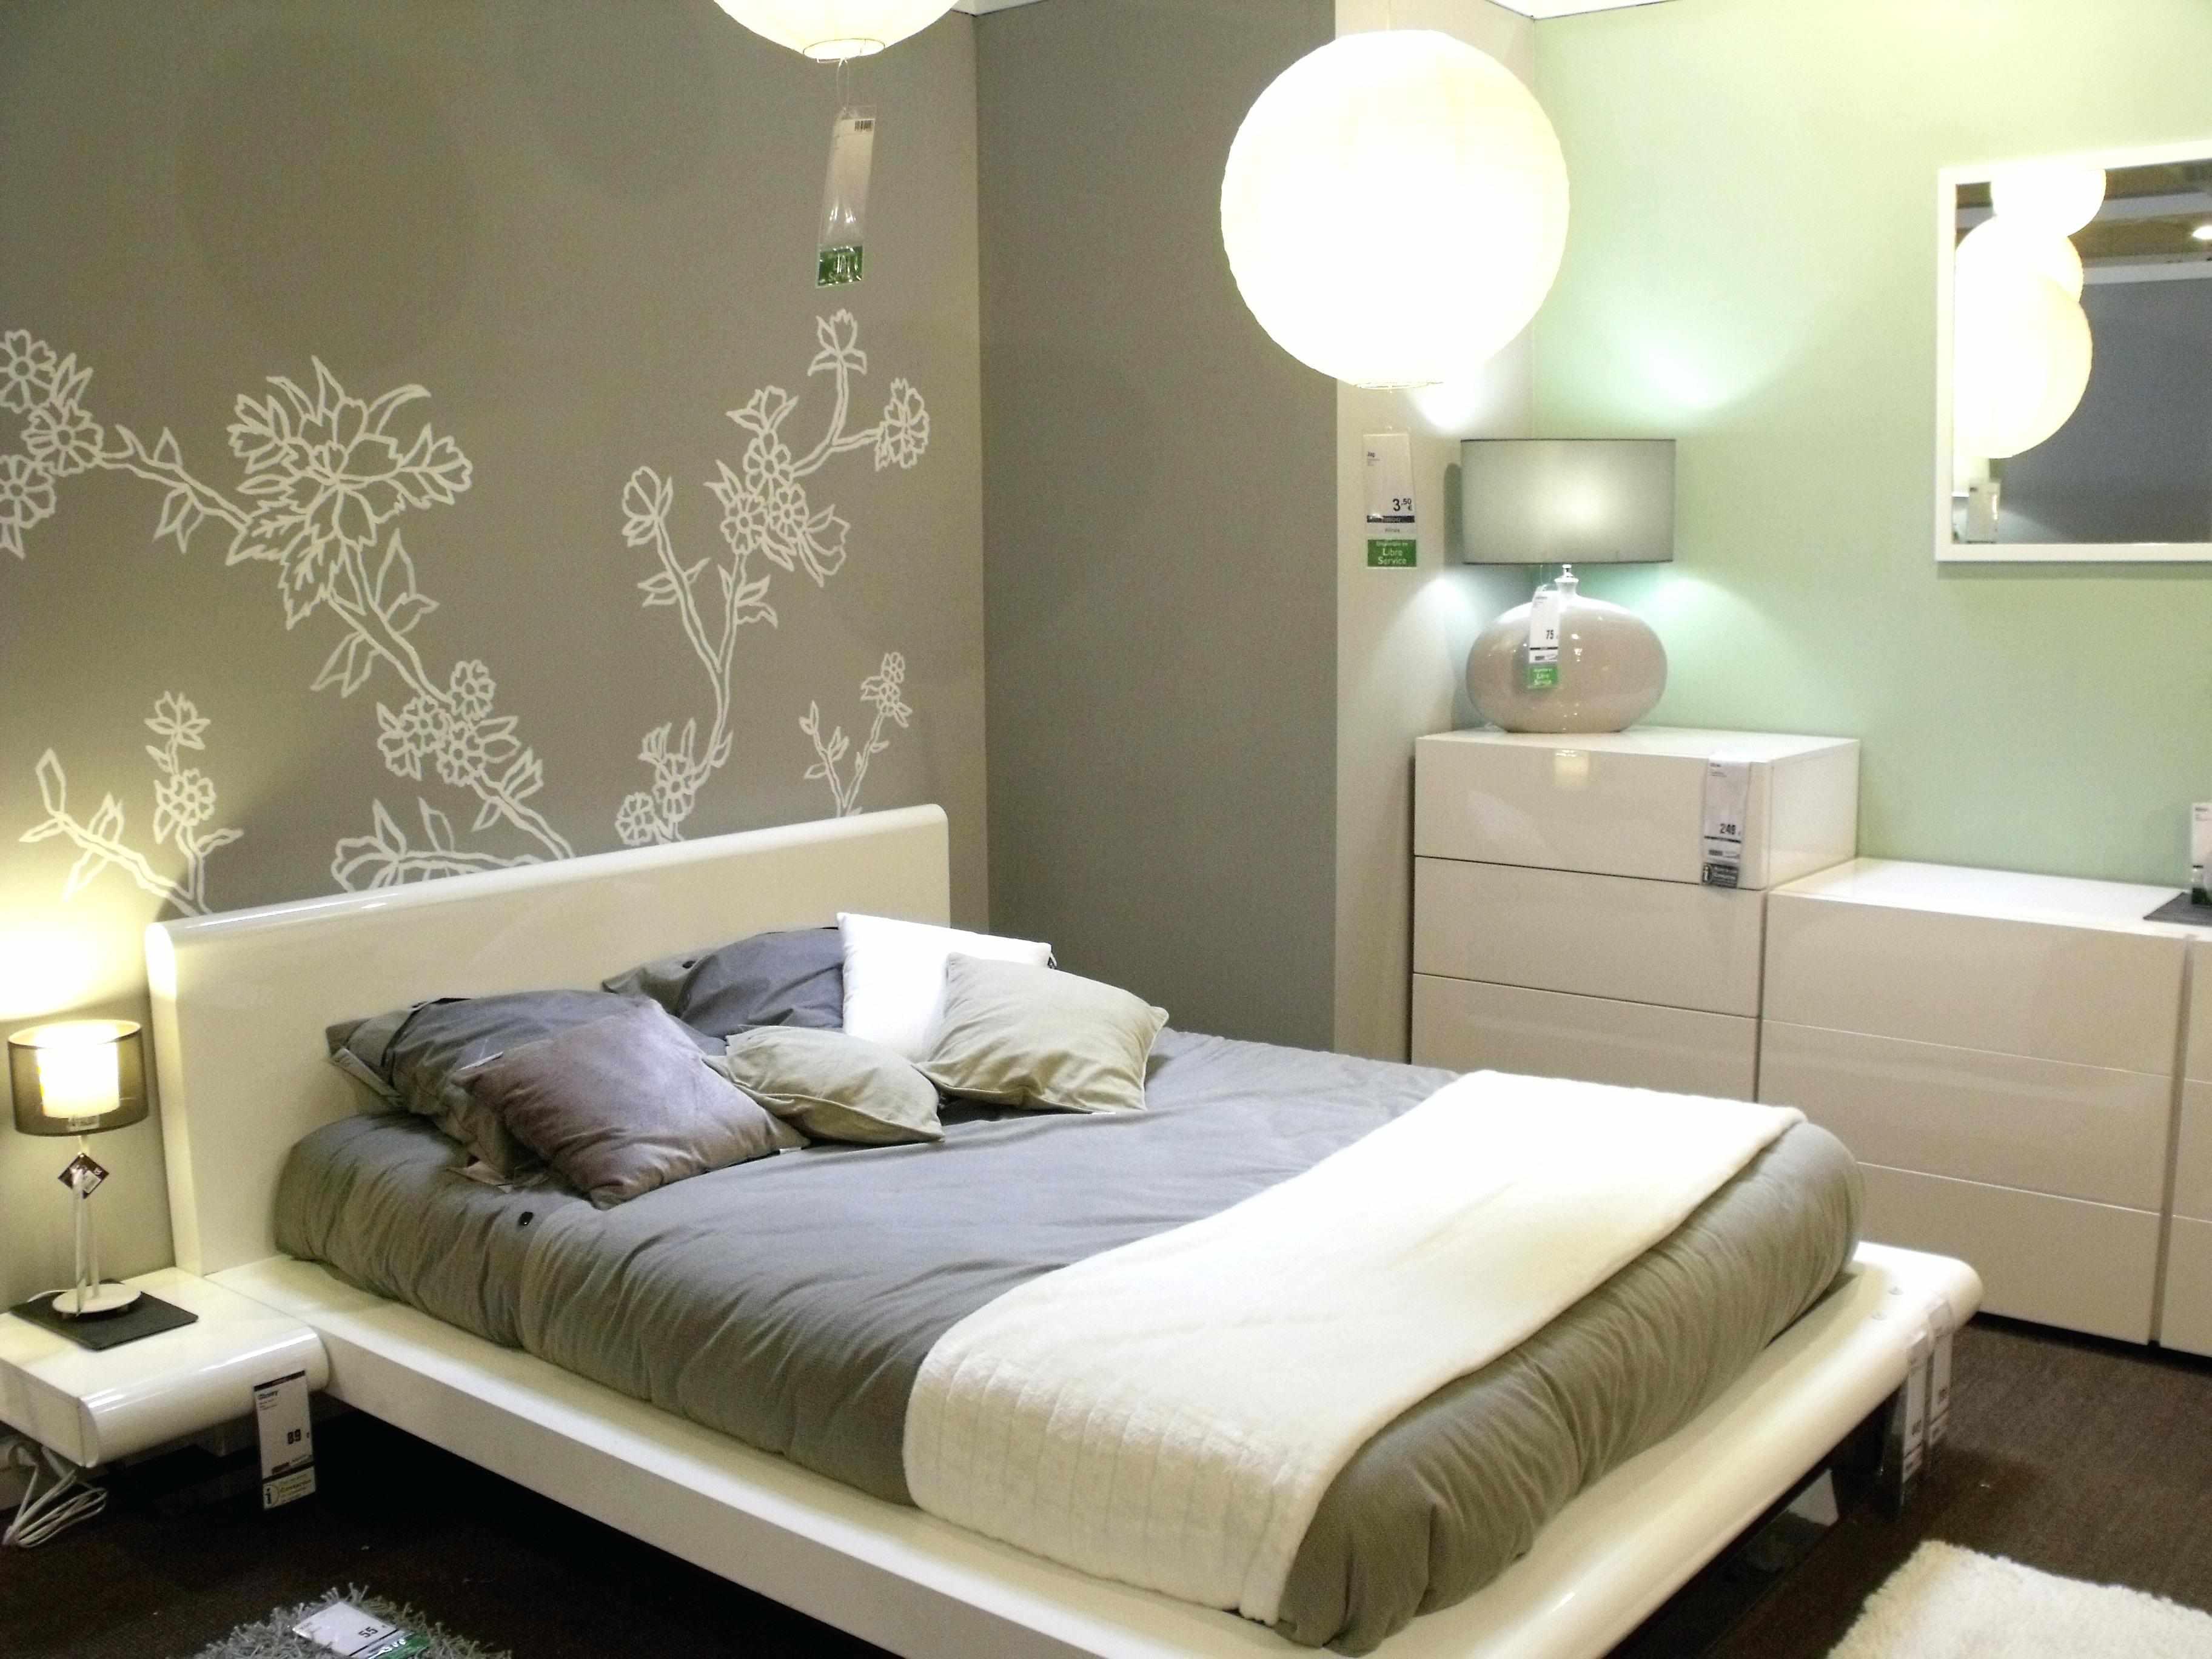 Рисунок в виде растений на стене в спальне